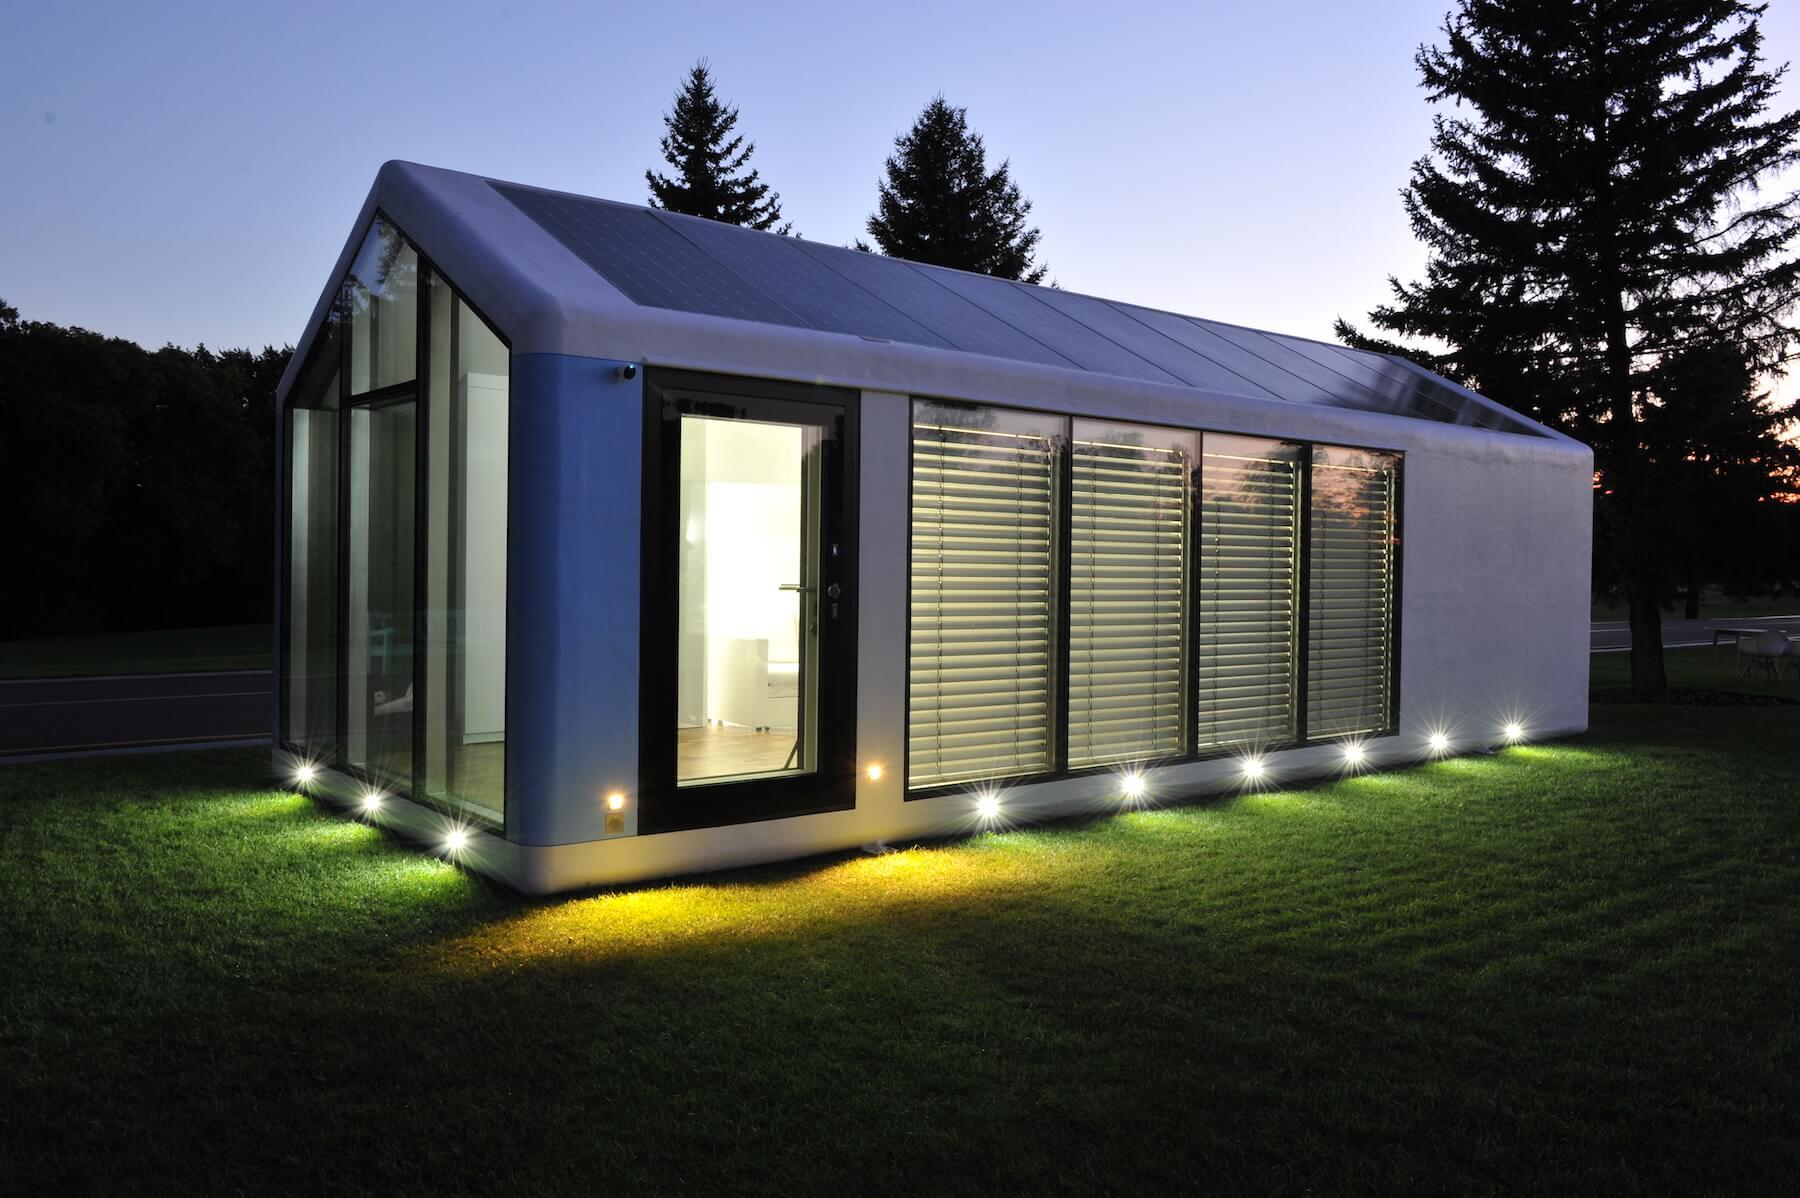 casa-prefabricada-3D-mOne